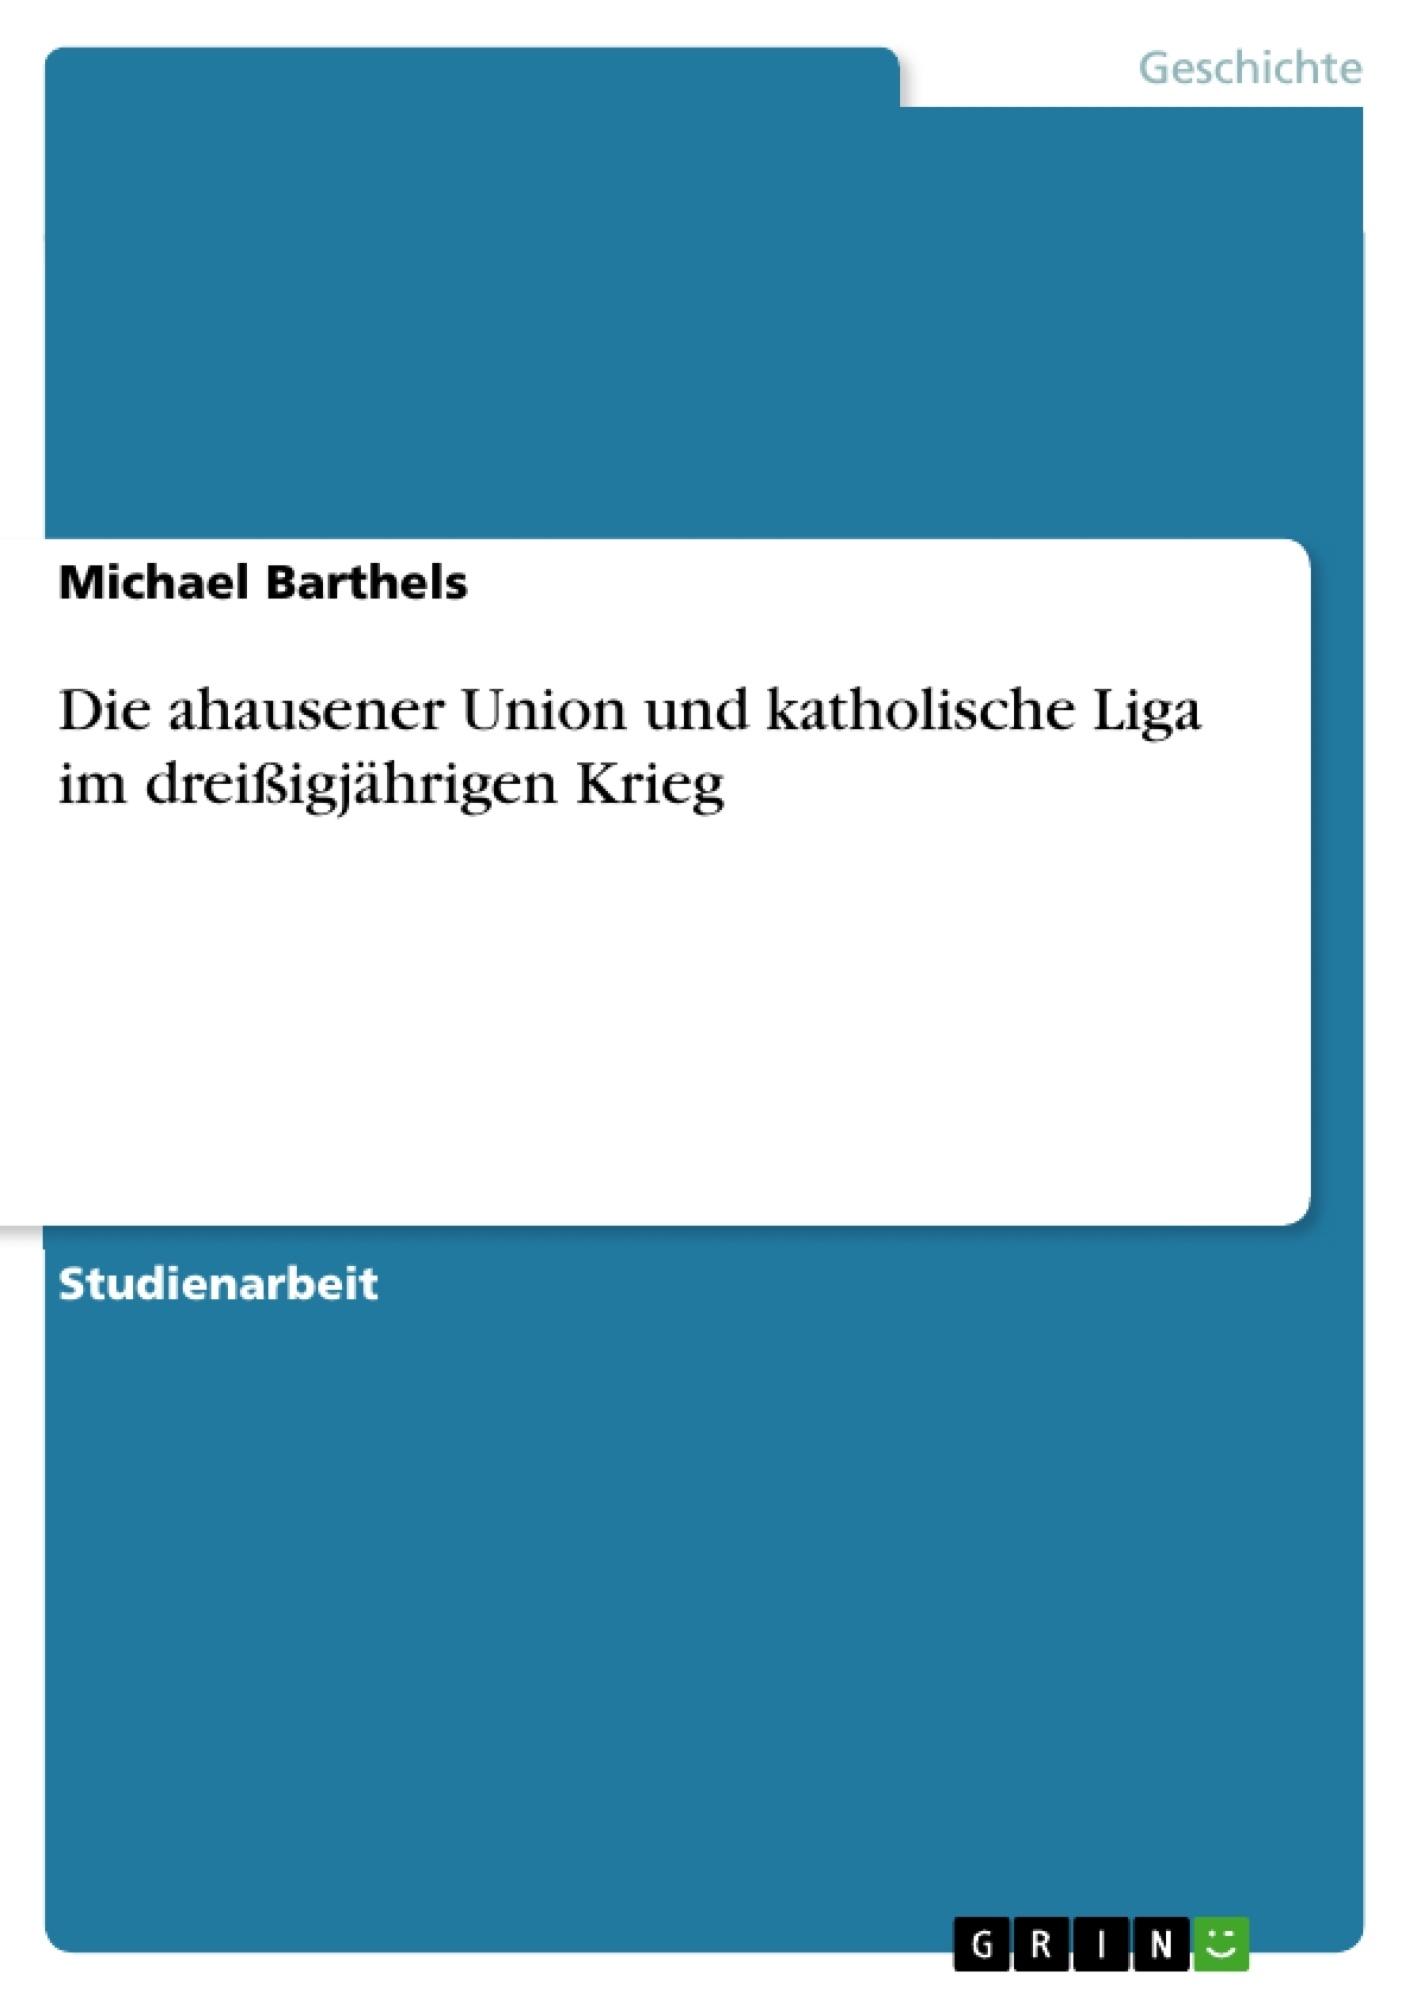 Titel: Die ahausener Union und katholische Liga im dreißigjährigen Krieg